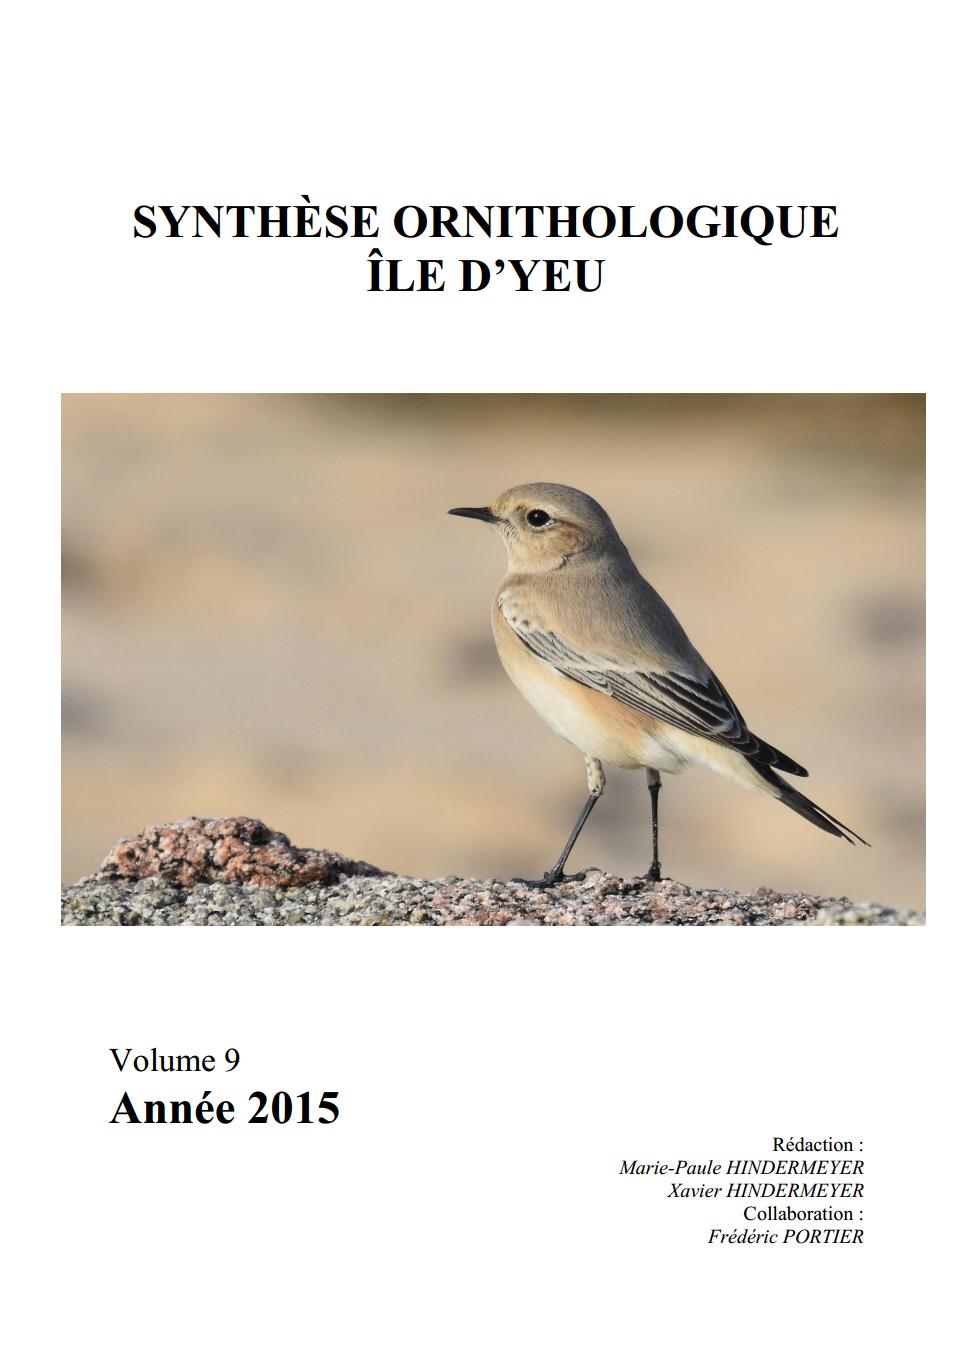 https://cdnfiles1.biolovision.net/www.faune-vendee.org/userfiles/Yeu/yeu2015.PNG